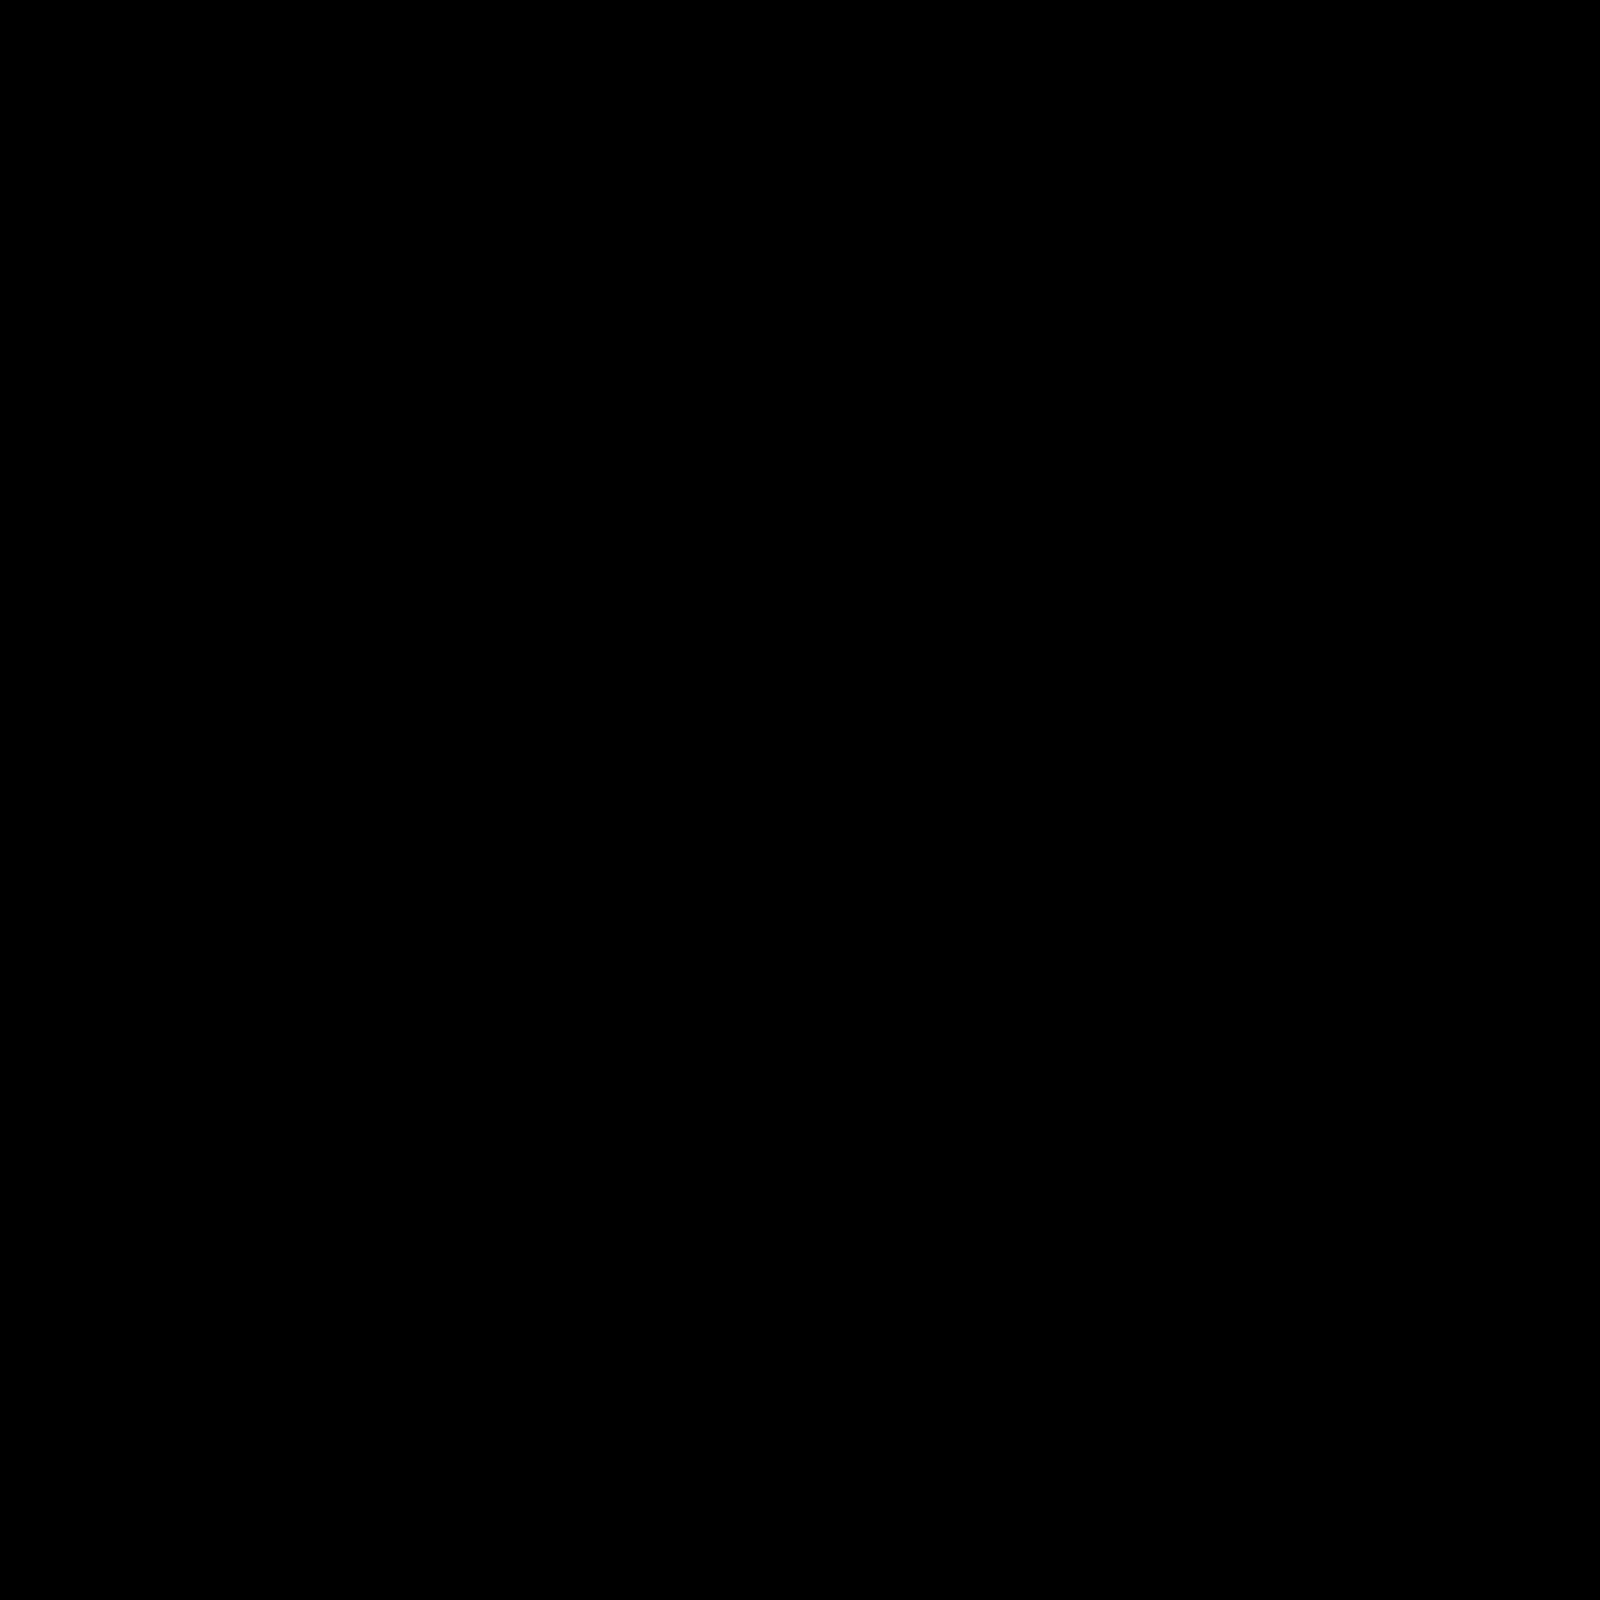 Minecraft Diamond Filled icon